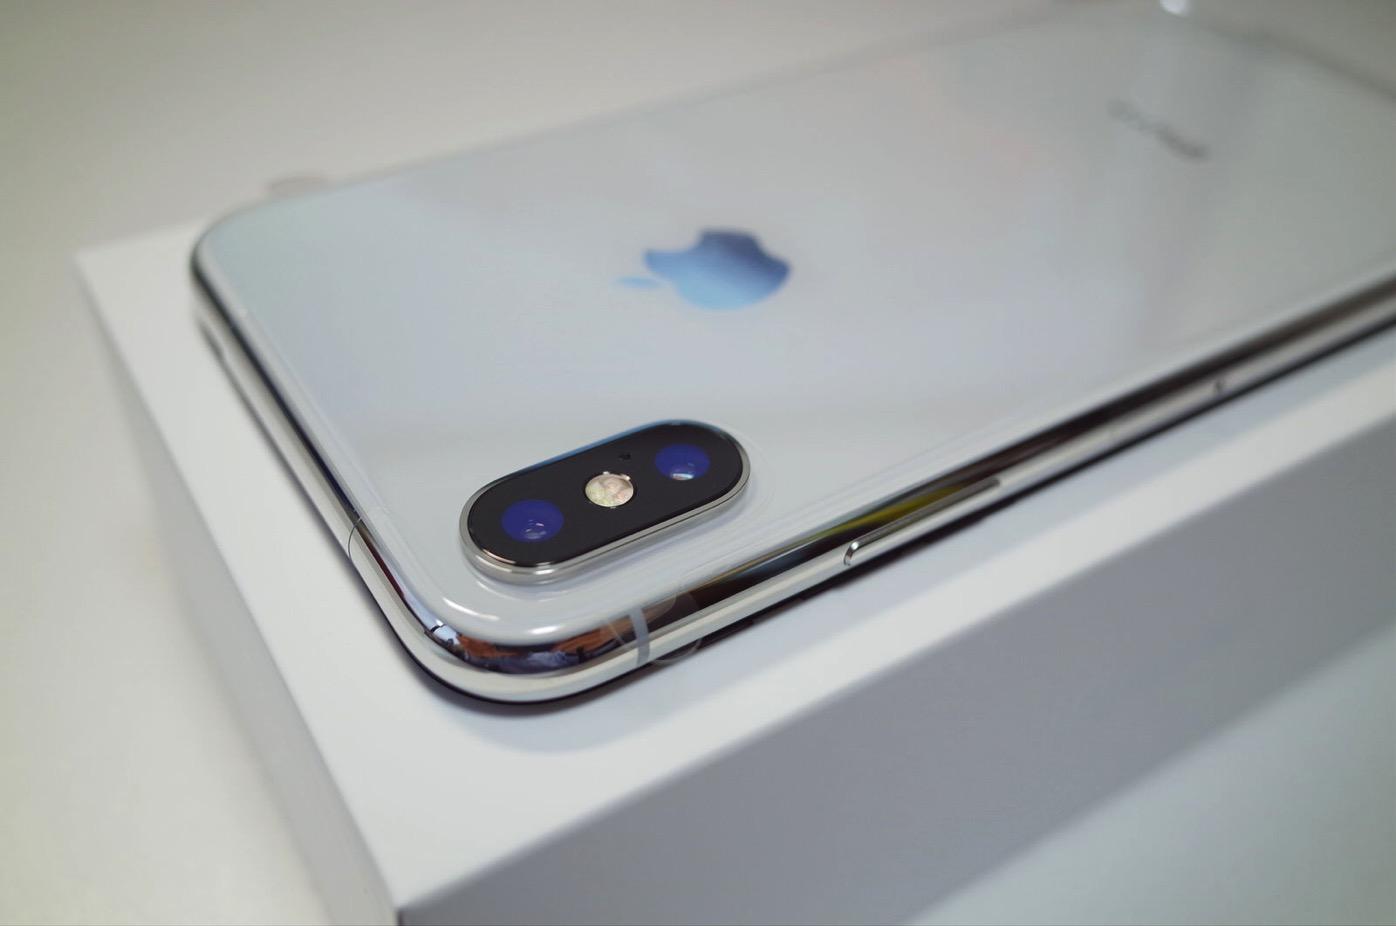 [iPhone]かなりざっくりですが「iPhone X(SIMフリー 256GB シルバー)」の下取り(買取り)価格がいくらか調べてみたよ